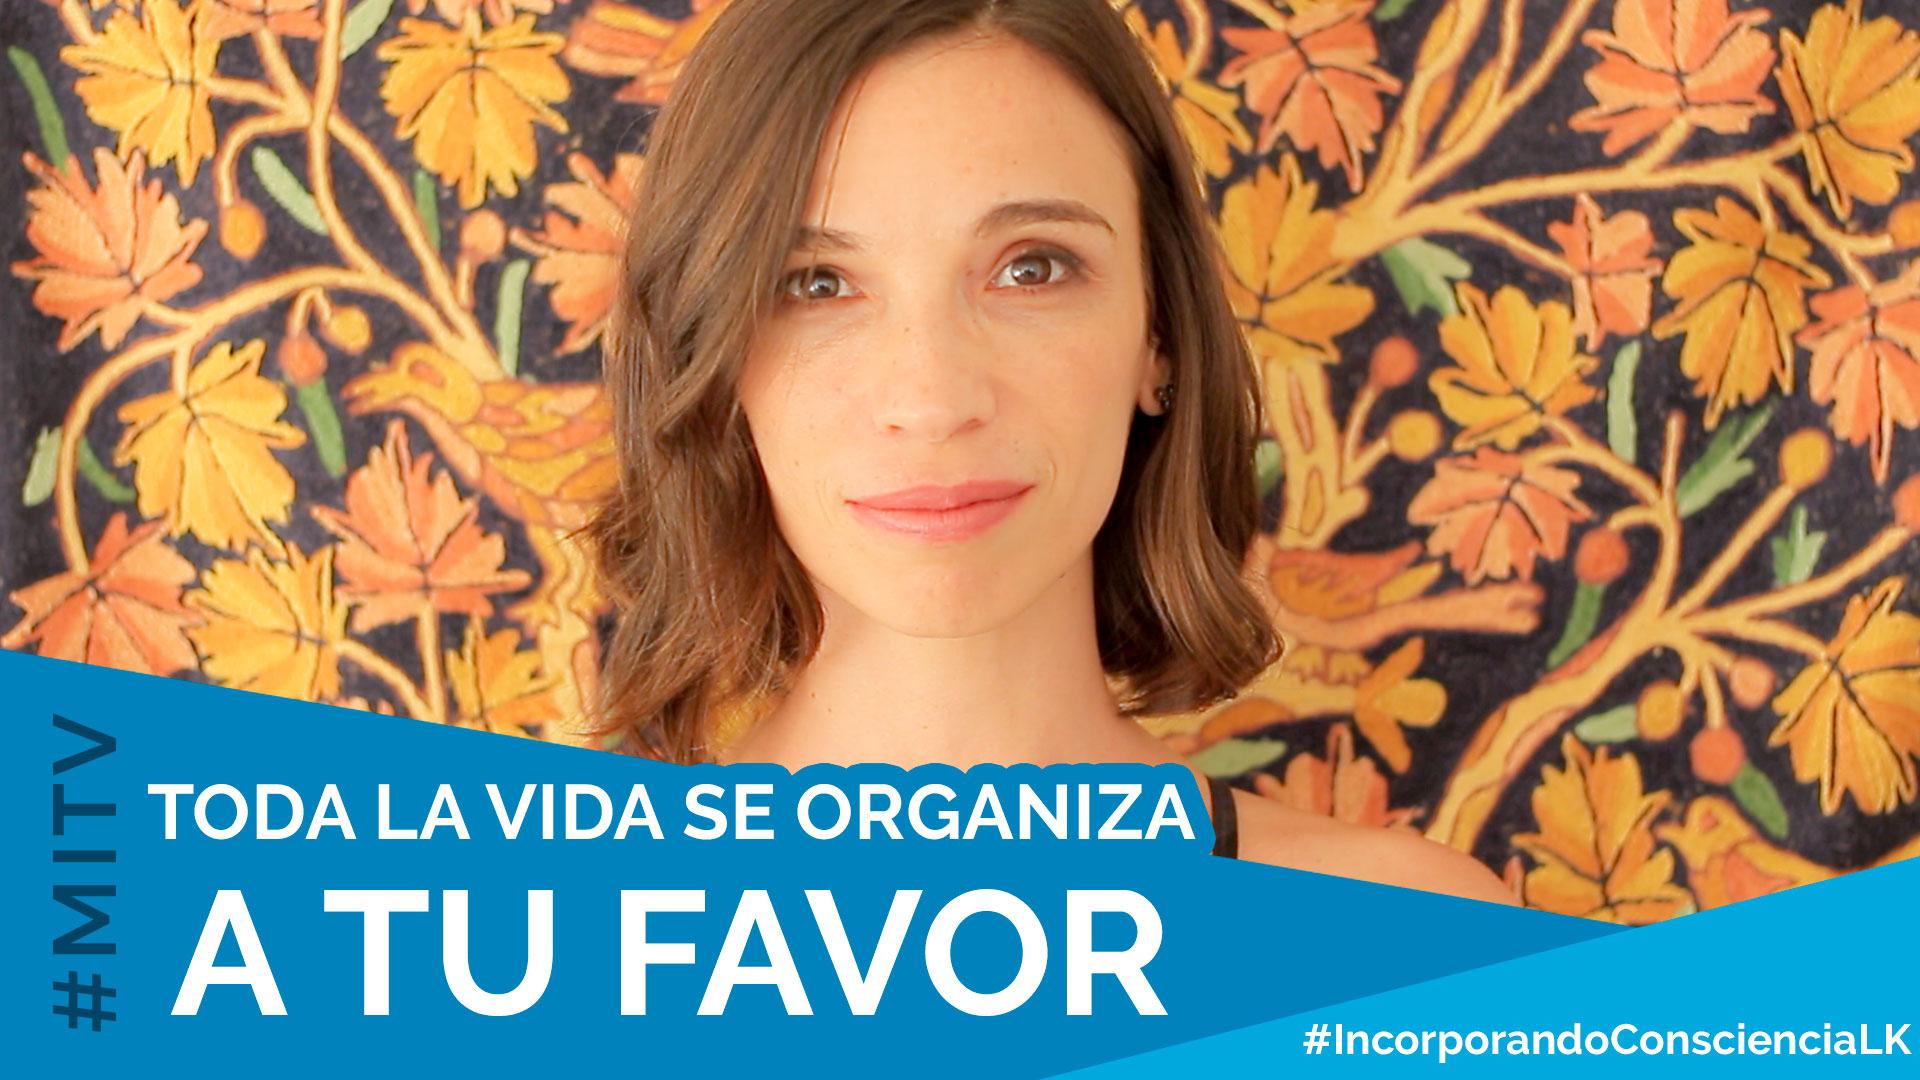 Toda la vida se organiza a tu favor – #IncorporandoConscienciaLK